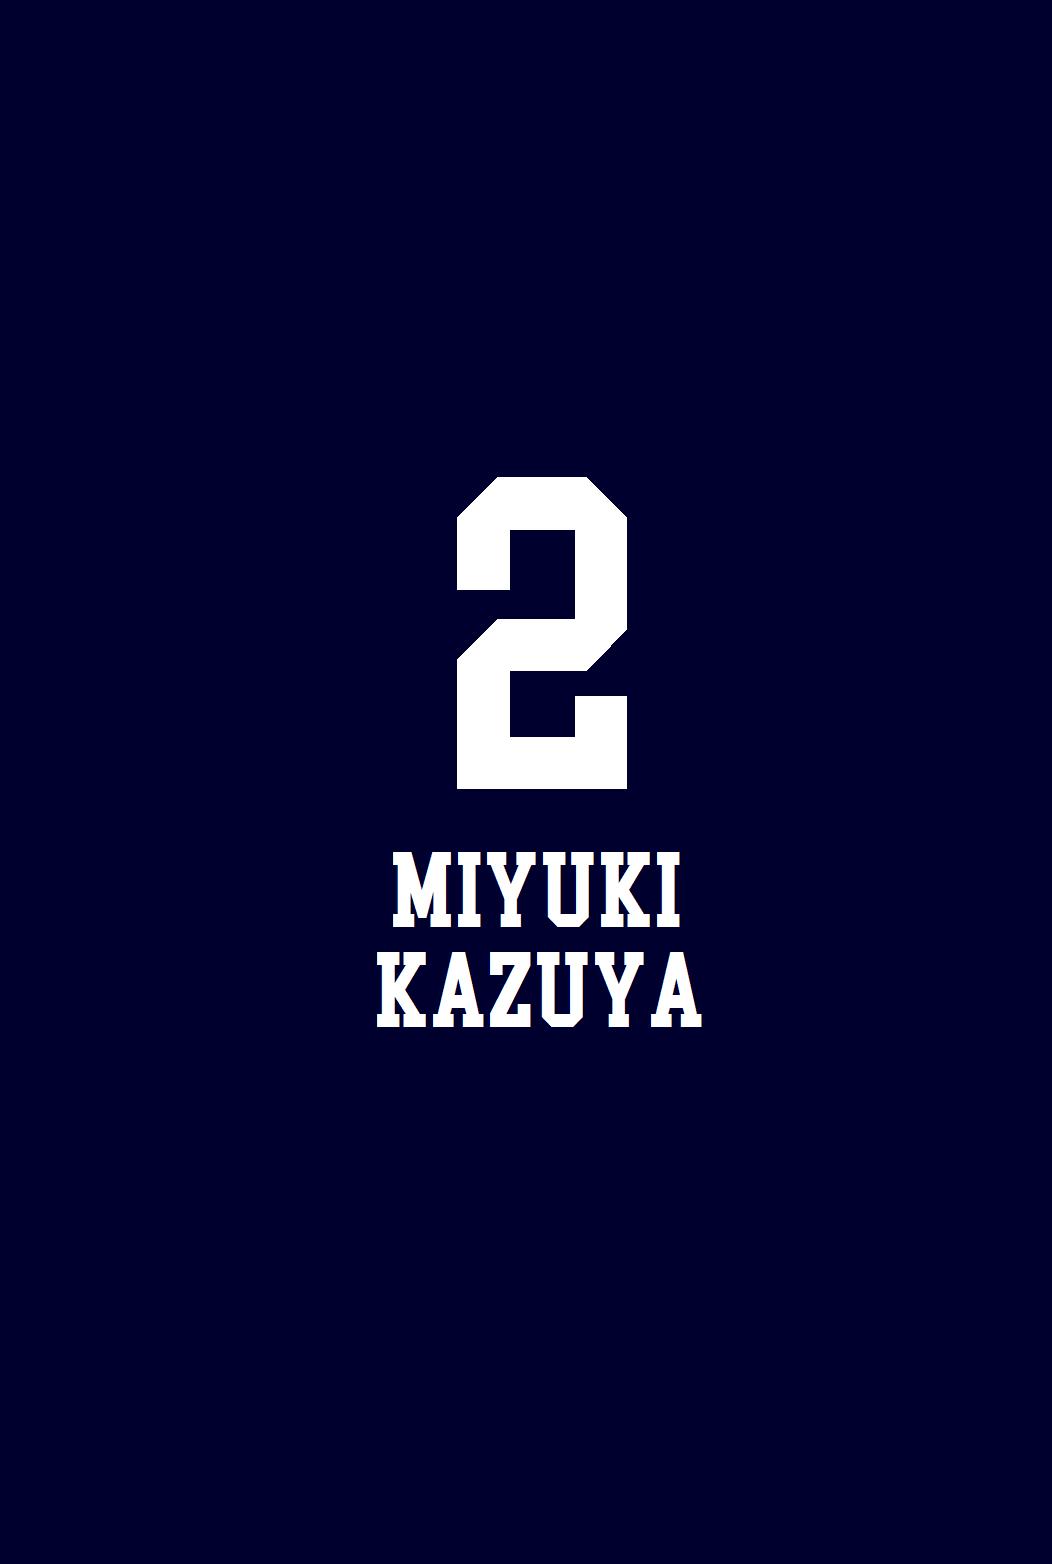 Miyuki Kazuya Phone Wallpaper Seni Anime Seni